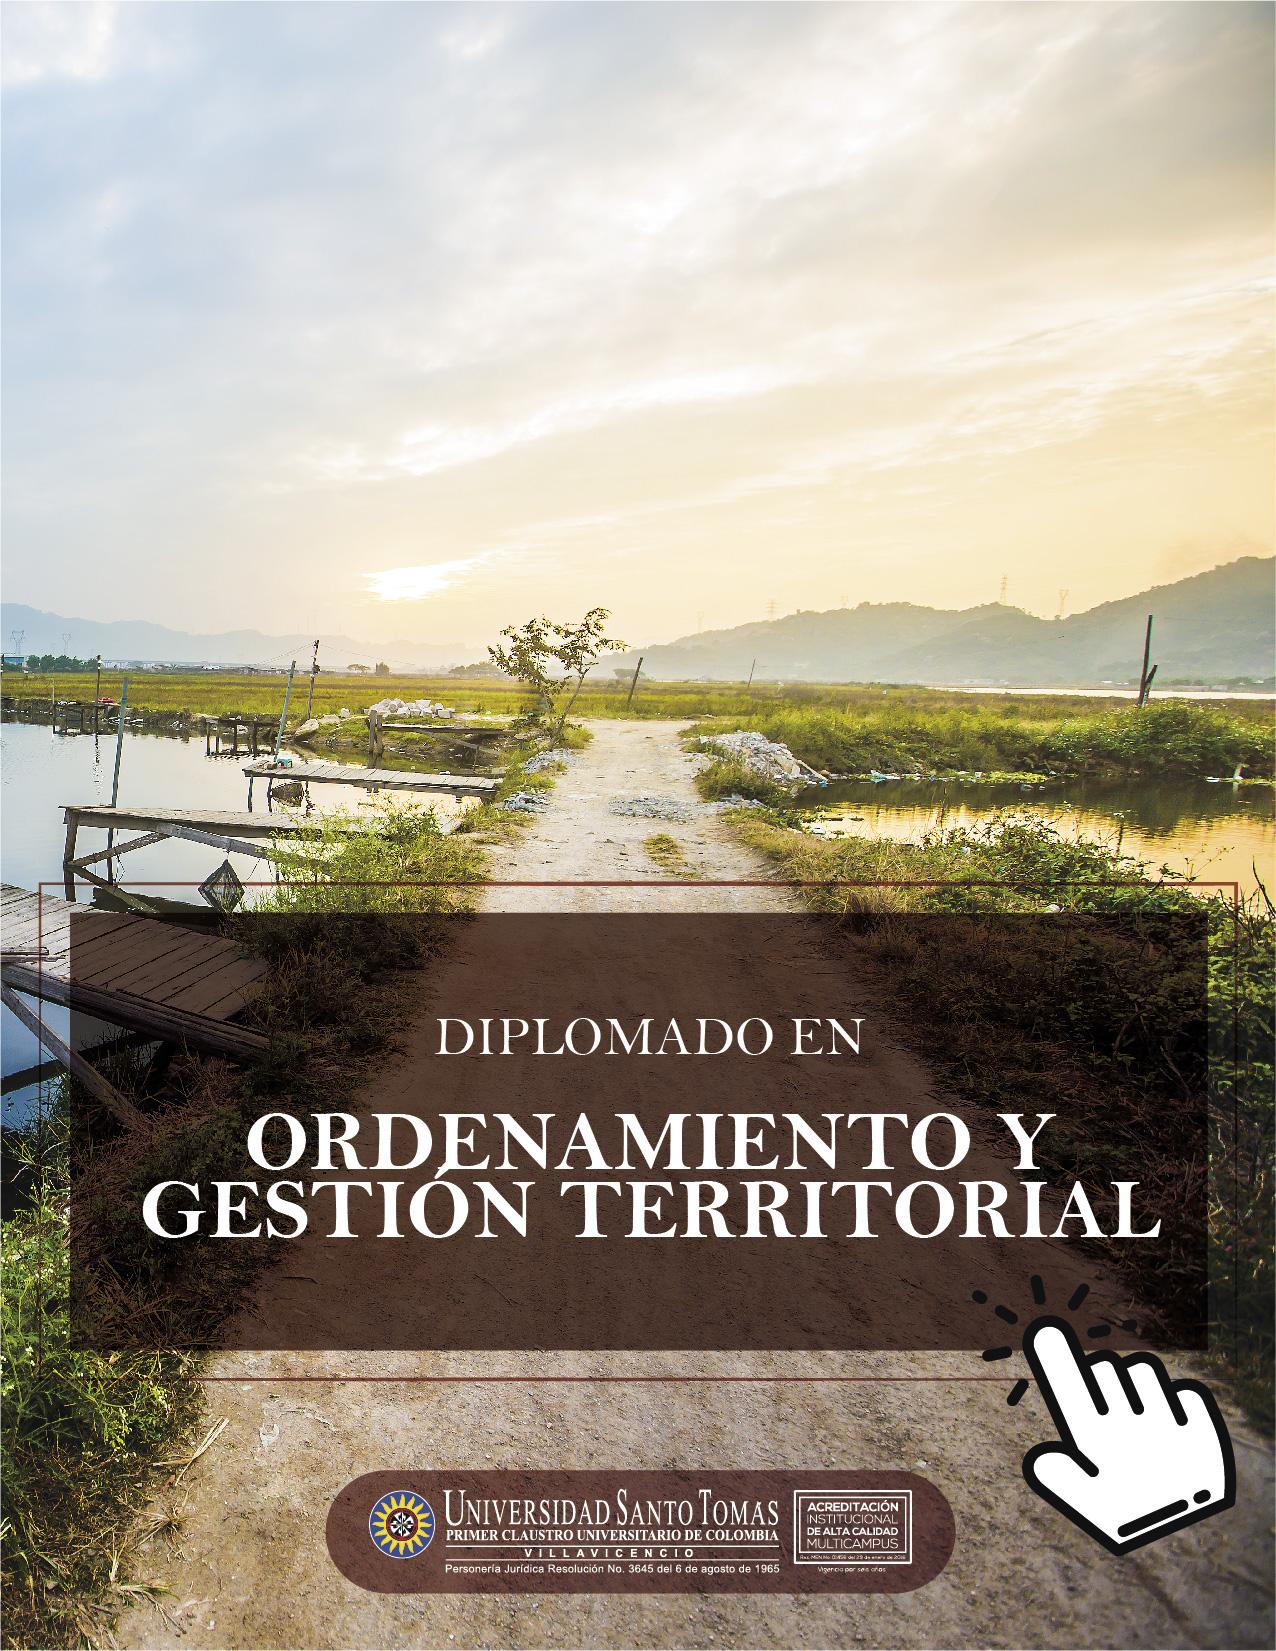 Diplomado en Ordenamiento y Gestión Territorial USTA Villavicencio